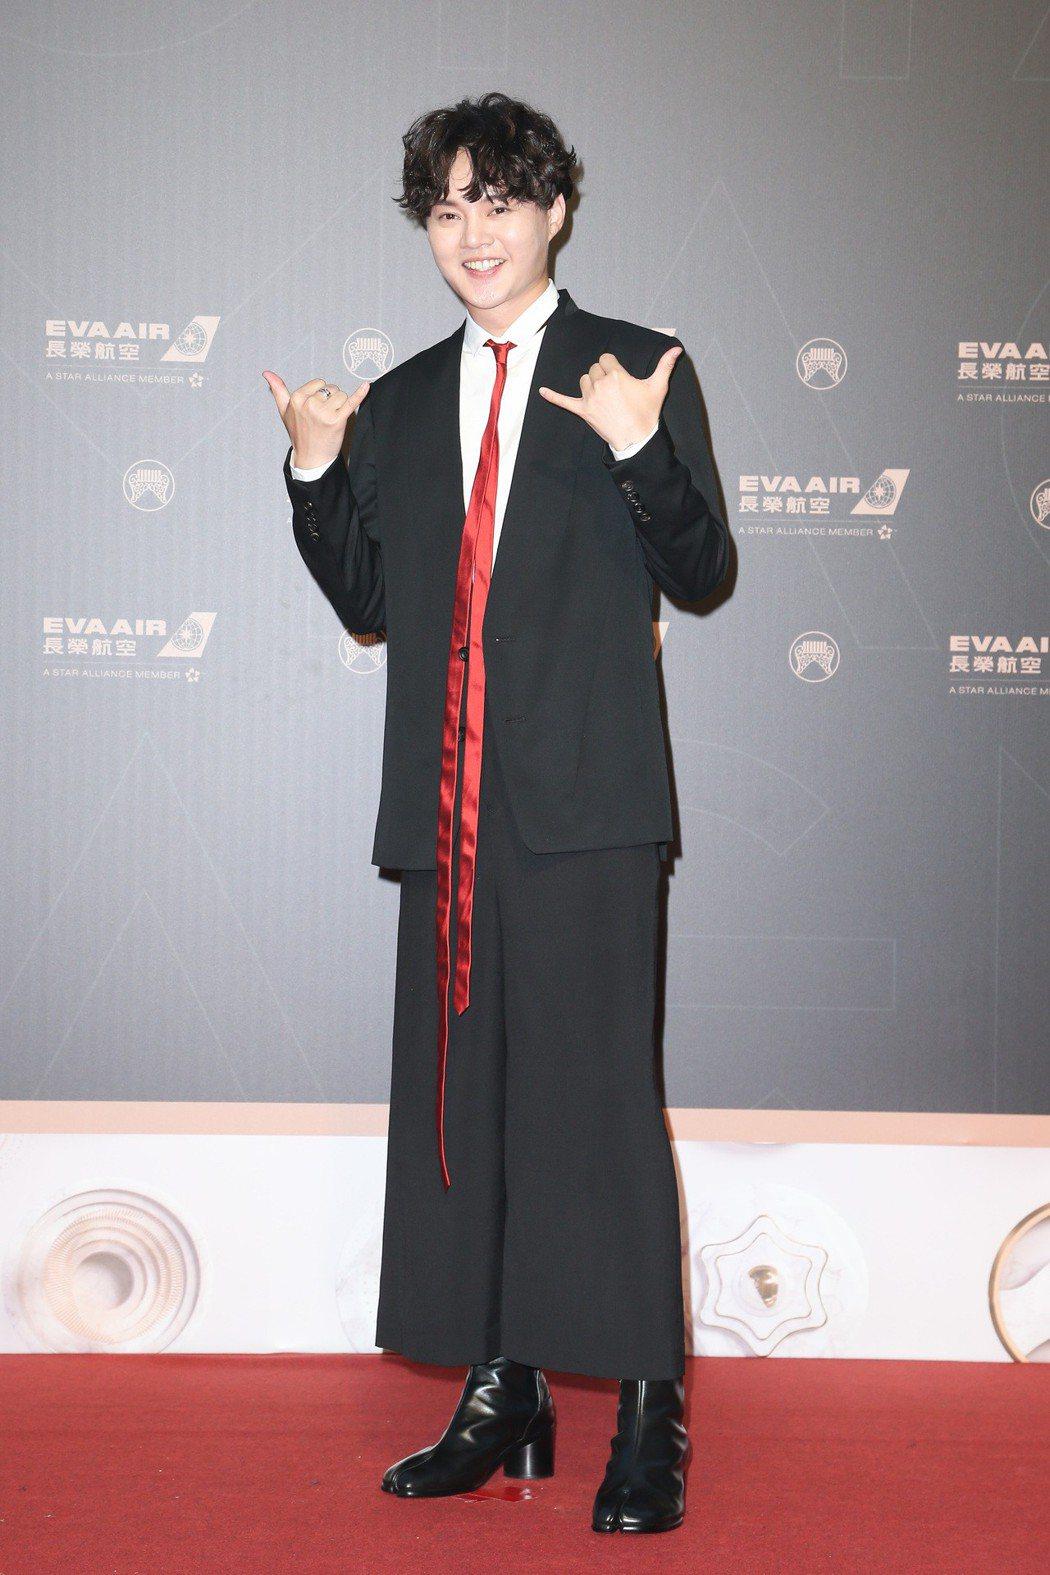 第30屆金曲獎,入圍最佳台語男歌手獎的許富凱走星光大道。記者陳立凱/攝影